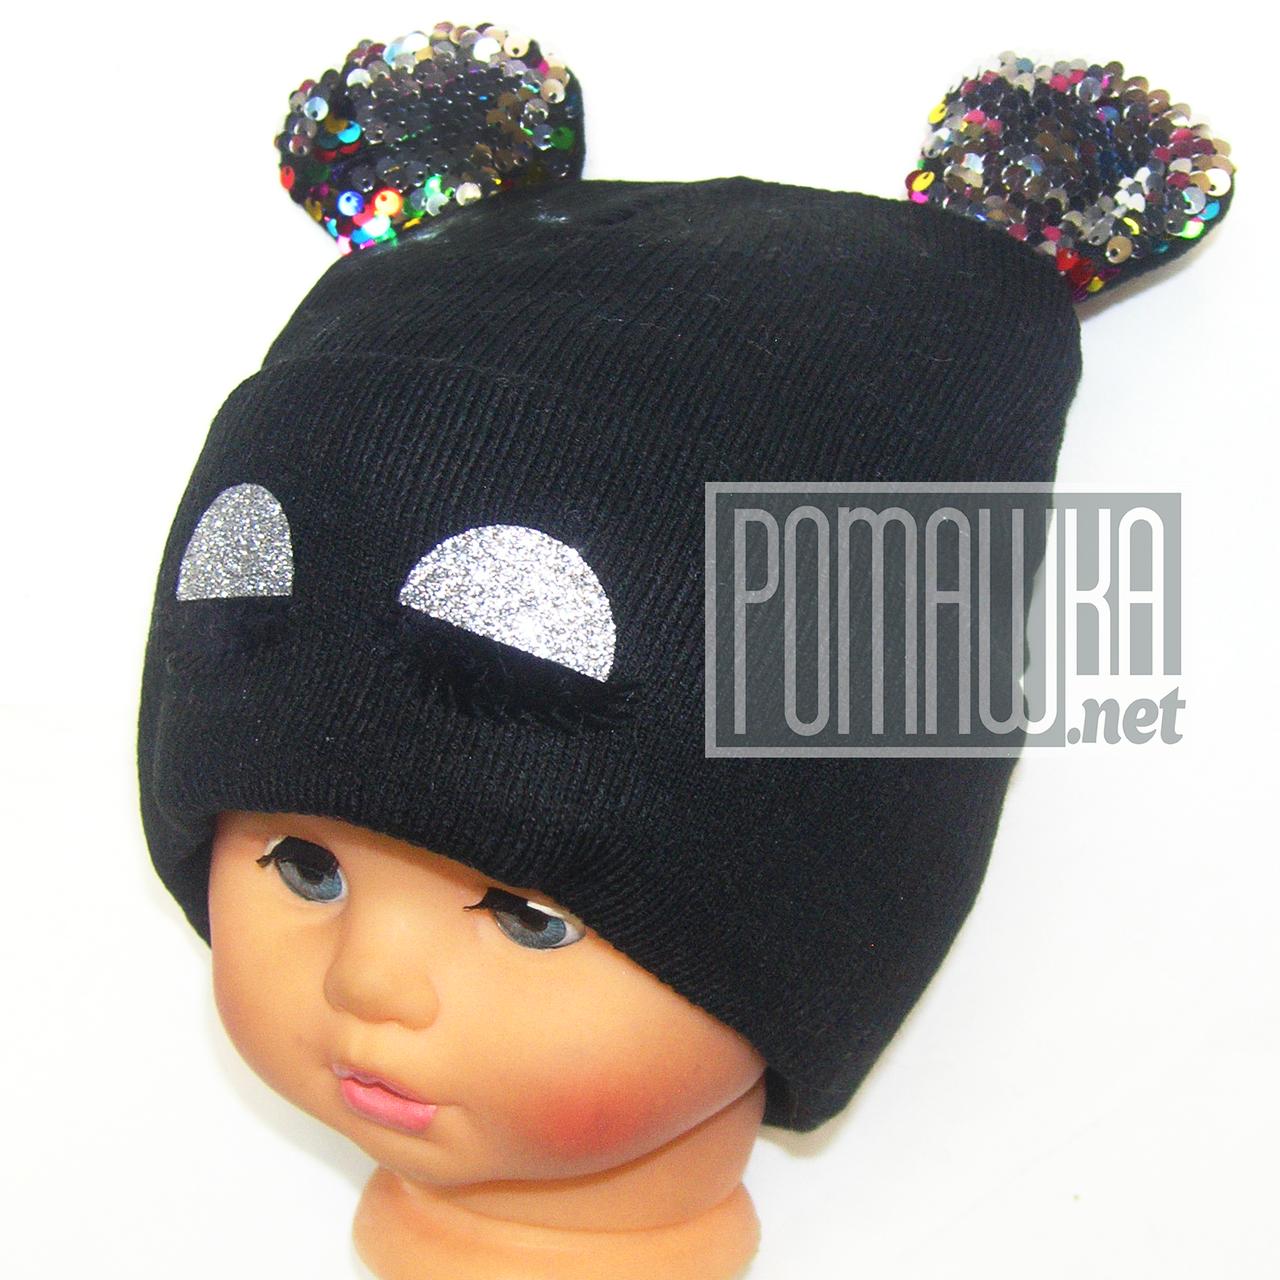 детская вязаная шапка р 50 52 на осень весну для девочки с пайетками ушками